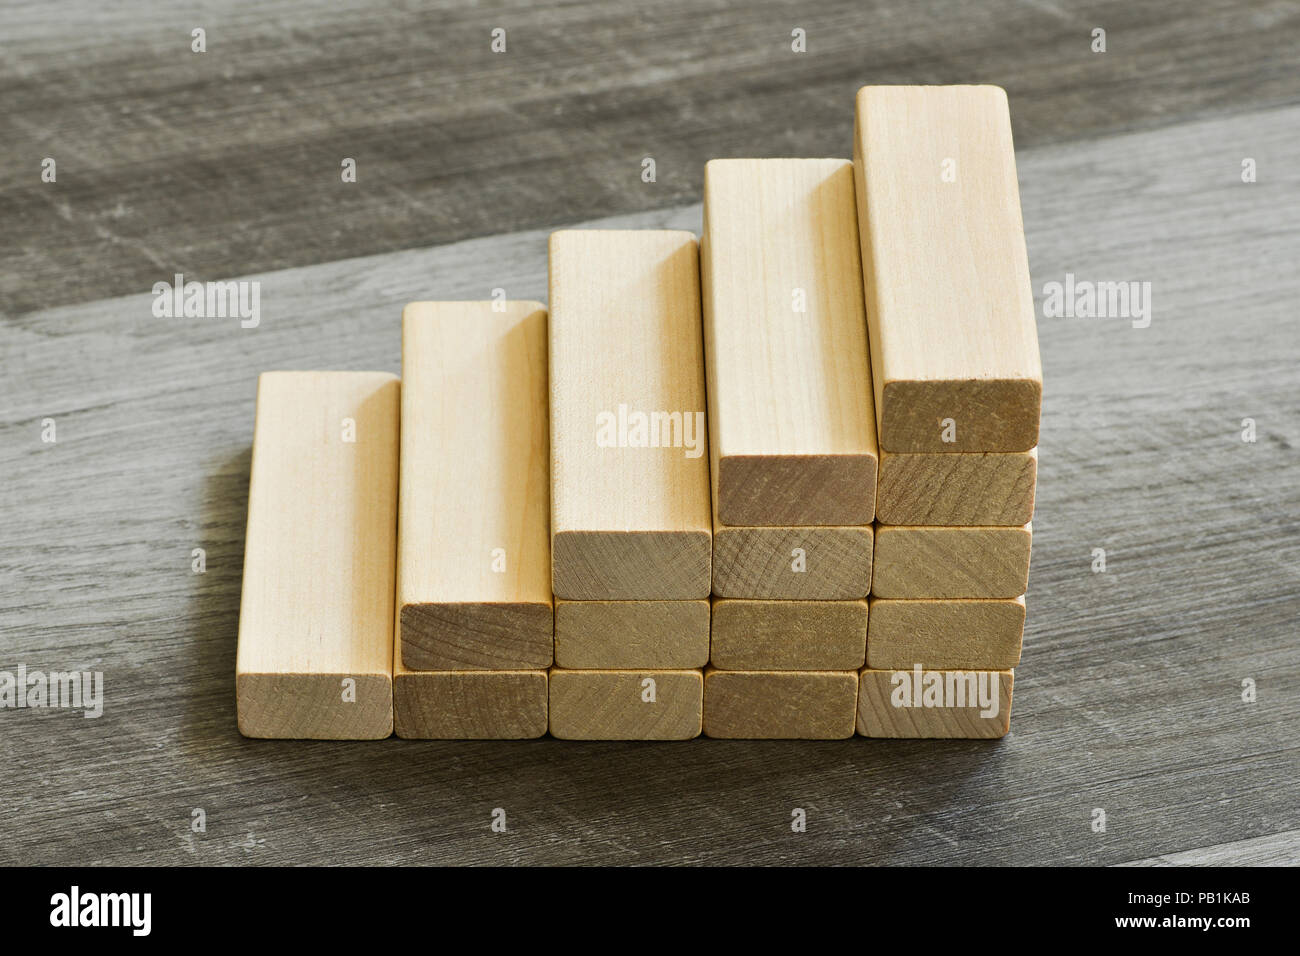 Reto / Objetivo concepto - Escalera hacia arriba de los bloques de construcción en madera color gris oscuro en el fondo Imagen De Stock